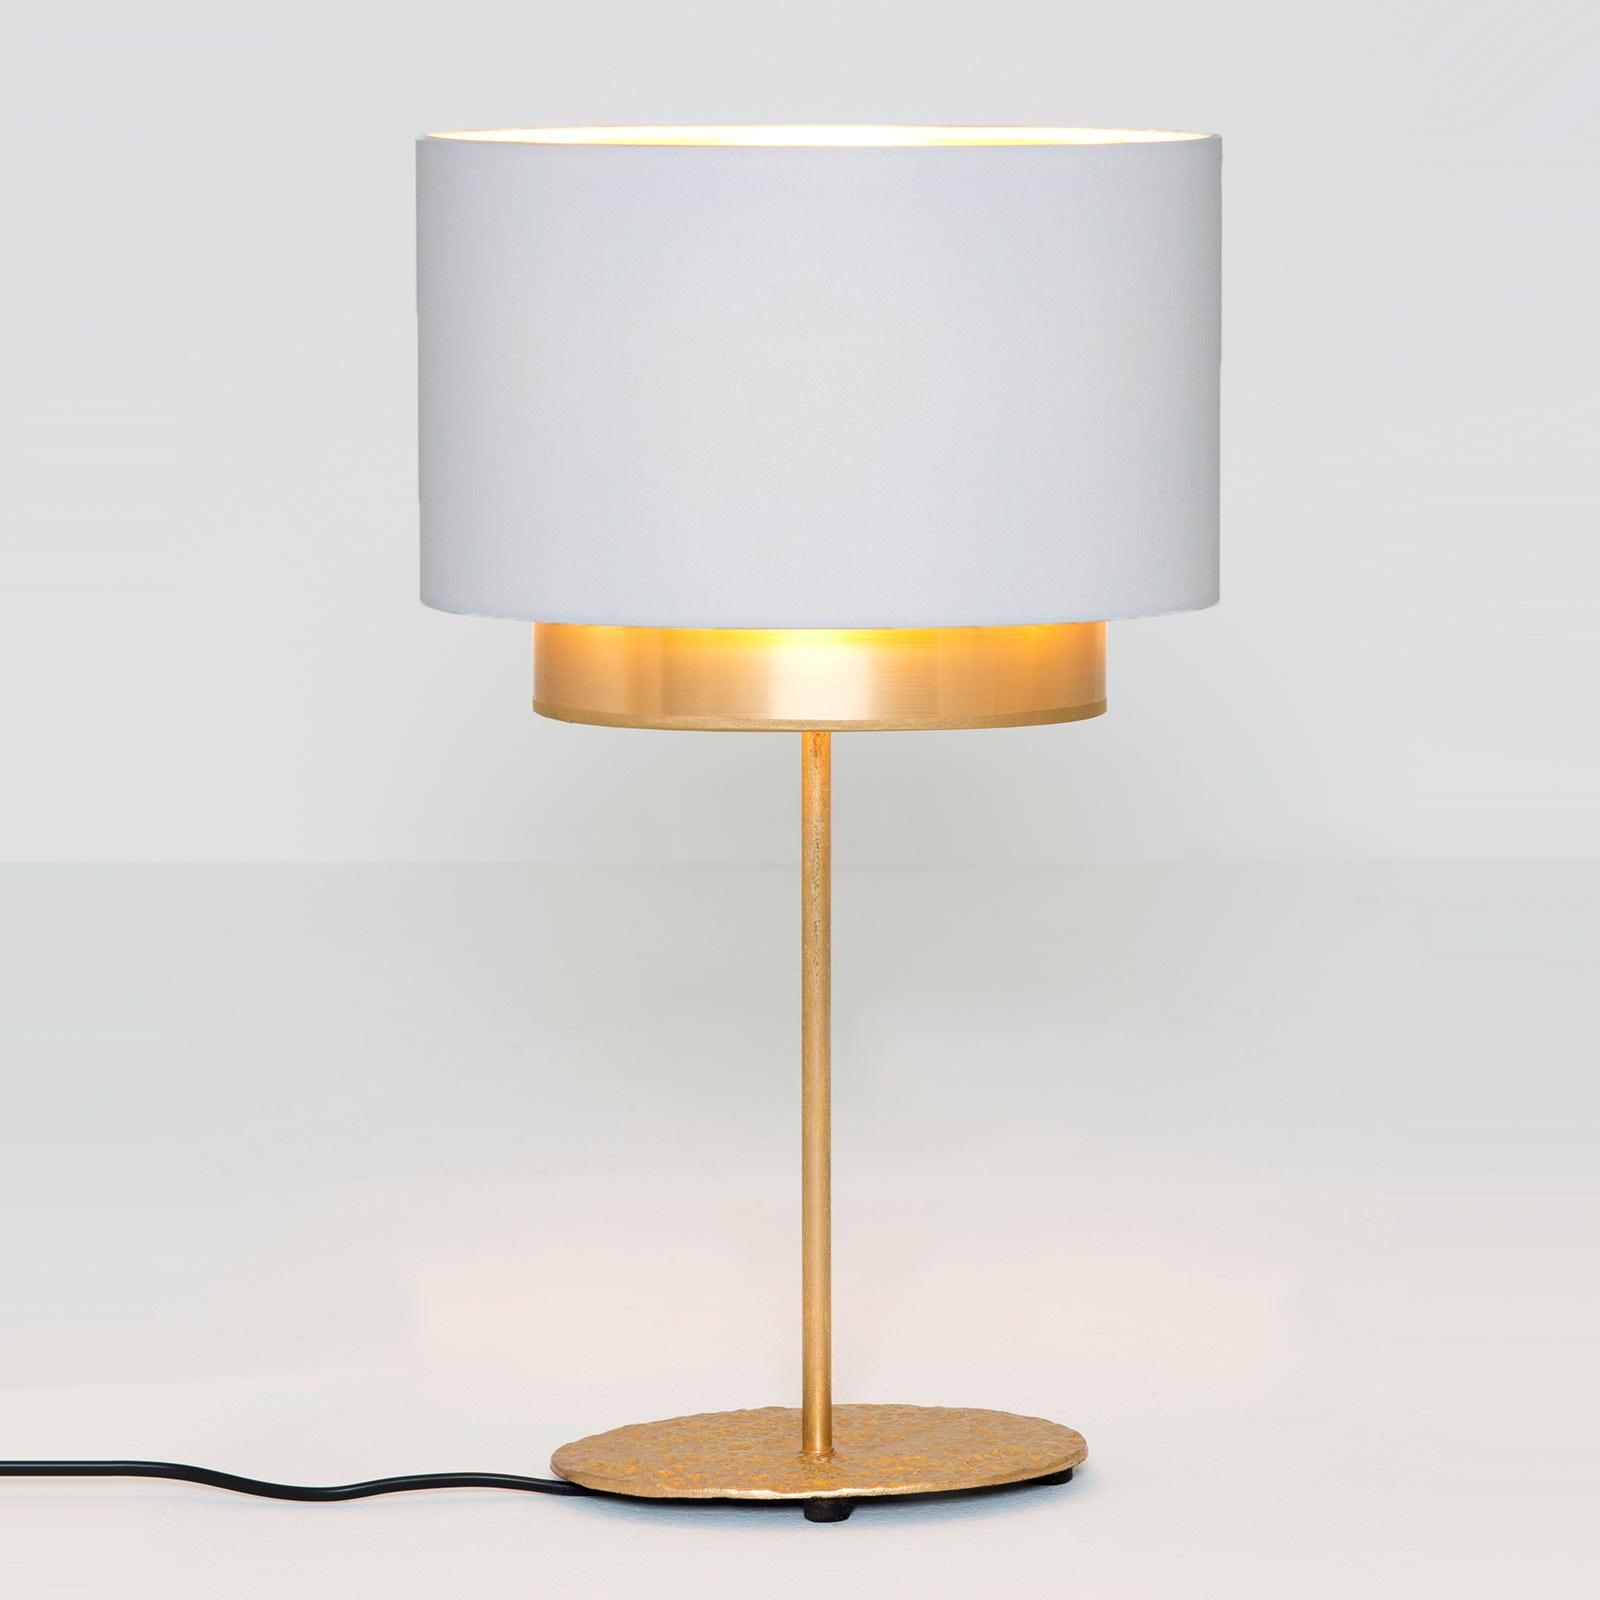 Lampe à poser Mattia, ovale, double, blanche/dorée